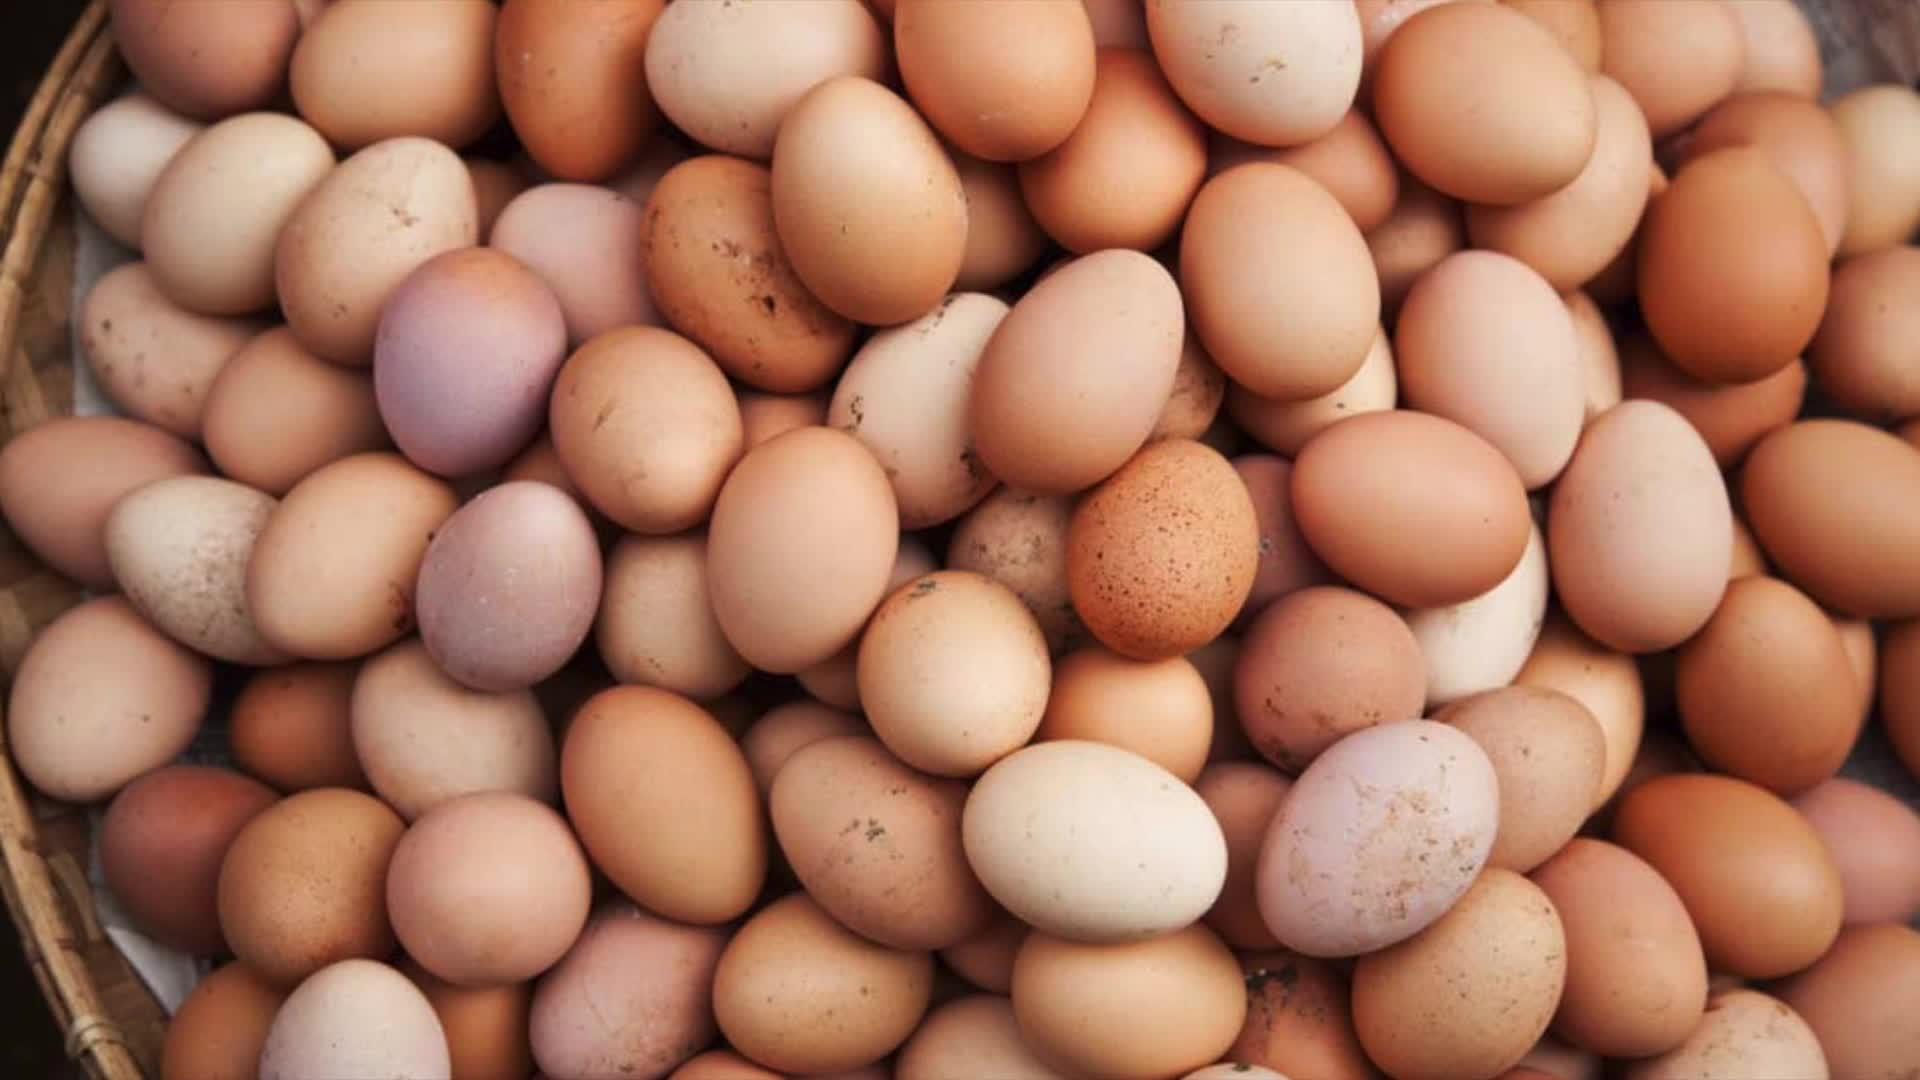 Egg Tower